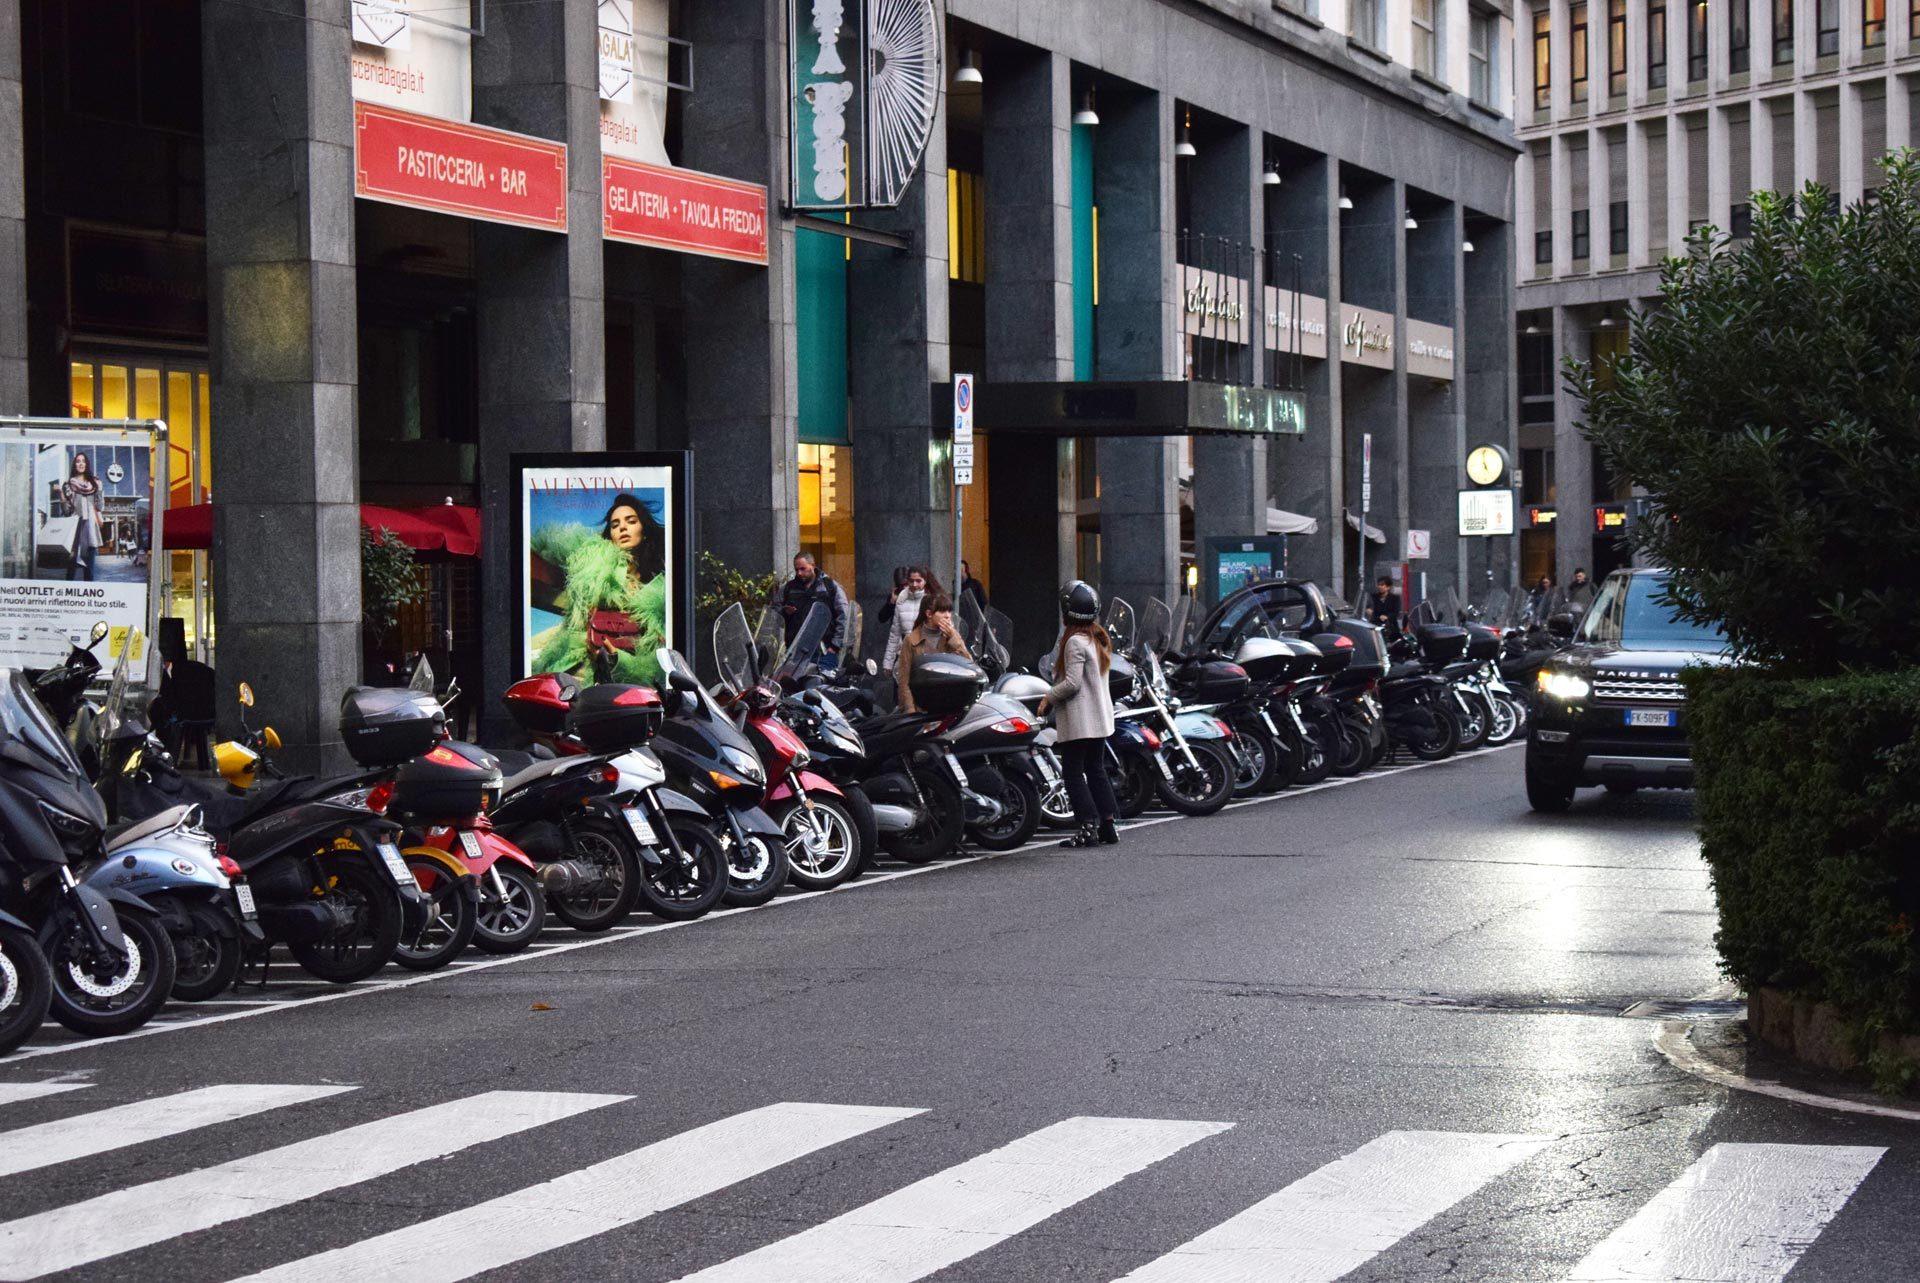 バイク天国☆イタリアの旅 その5 ミラノ街を散策_d0099181_10551128.jpg